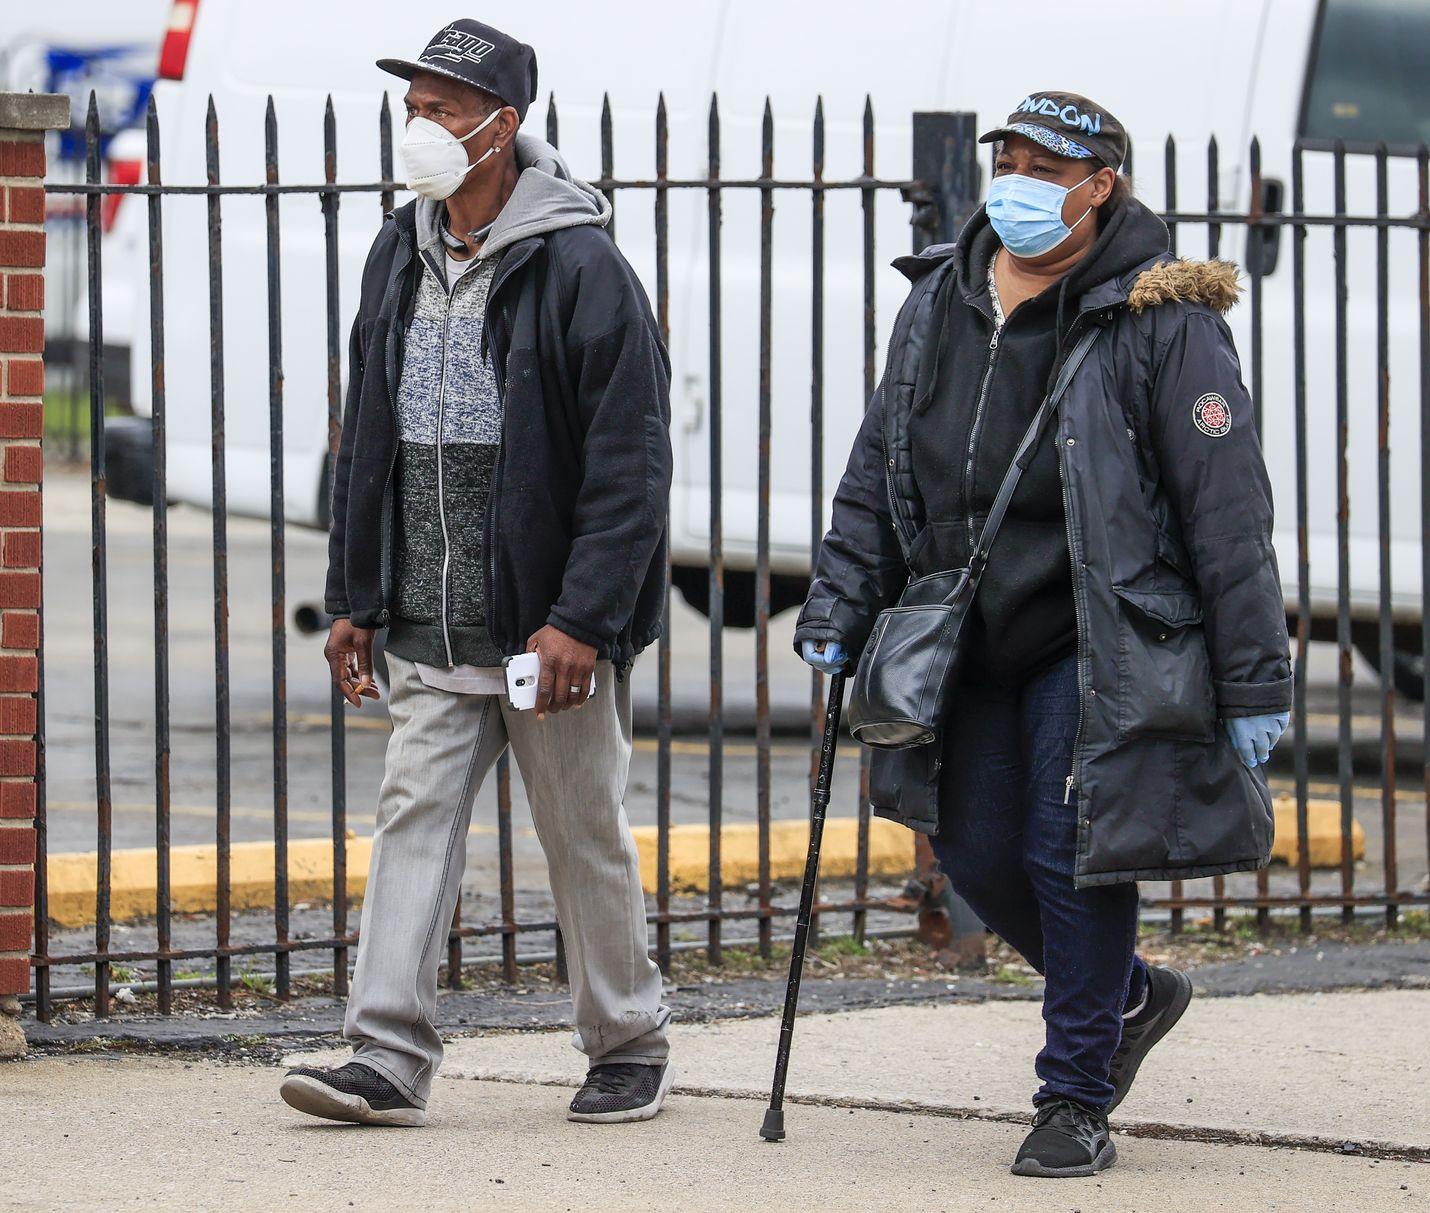 Kaksi mustaa käveli huhtikuussa Chicagossa asuinalueella, jossa asuu enimmäkseen mustia. Pian koronaviruspandemian alkamisen jälkeen huomattiin, että virus iskee etenkin etnisiin vähemmistöihin Yhdysvalloissa.